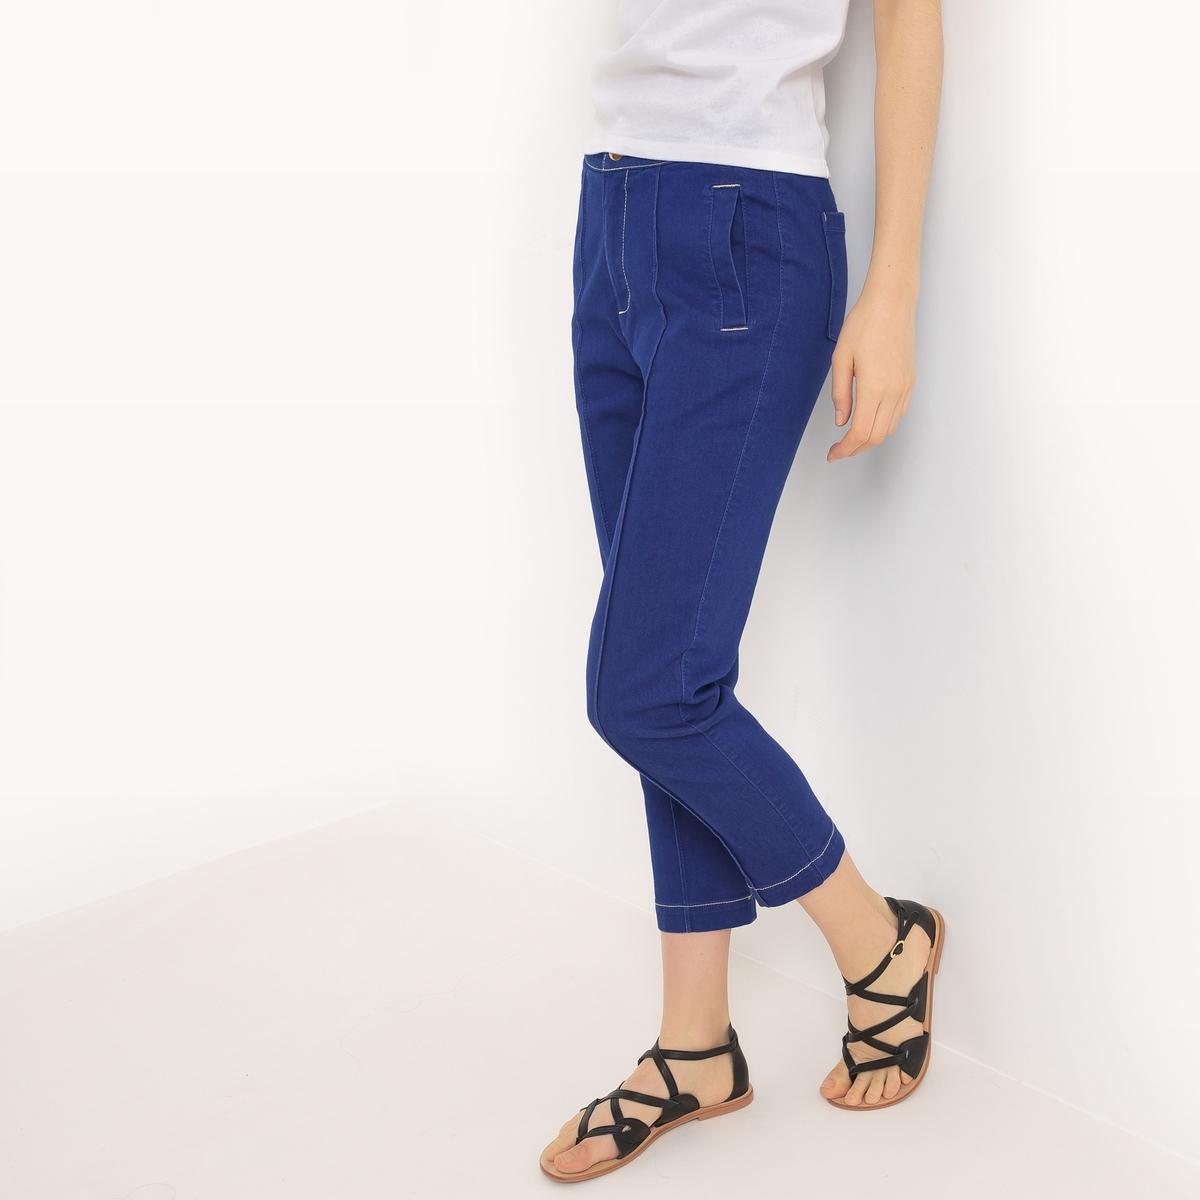 Джинсы узкиеМатериал : 72% хлопка, 17% полиэстера, 9% вискозы, 2% эластана       Высота пояса : стандартный      Покрой : узкие джинсы.      Длина : 32<br><br>Цвет: синий